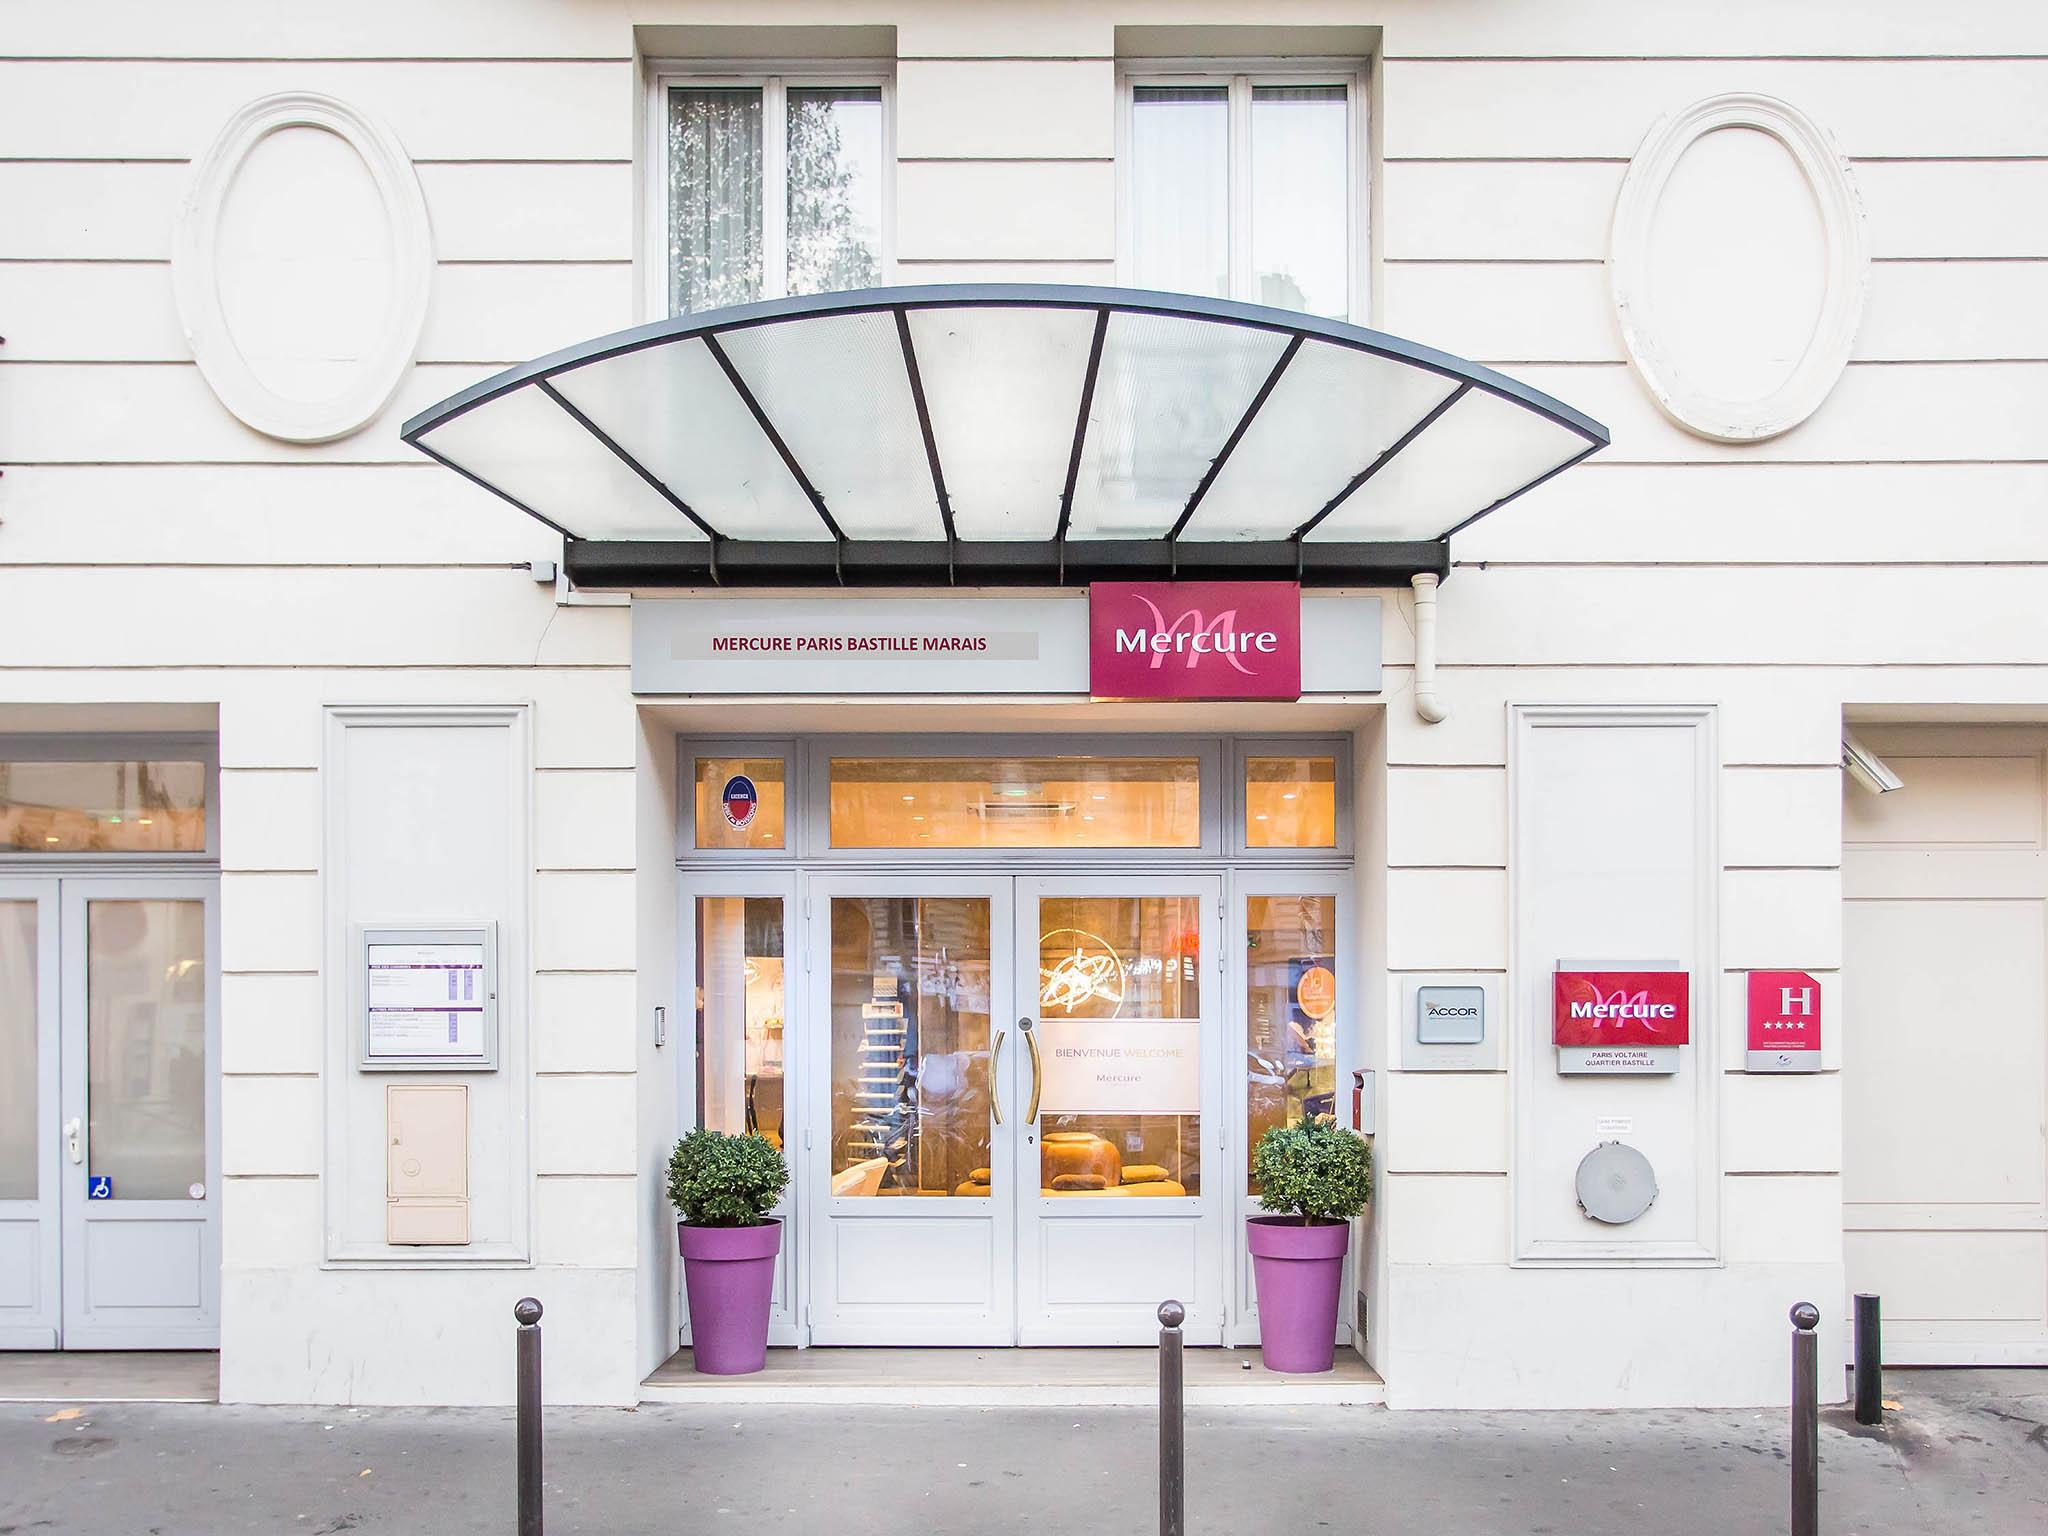 Dormire a parigi in esterni immagine fornita dalla for Hotel zona marais parigi